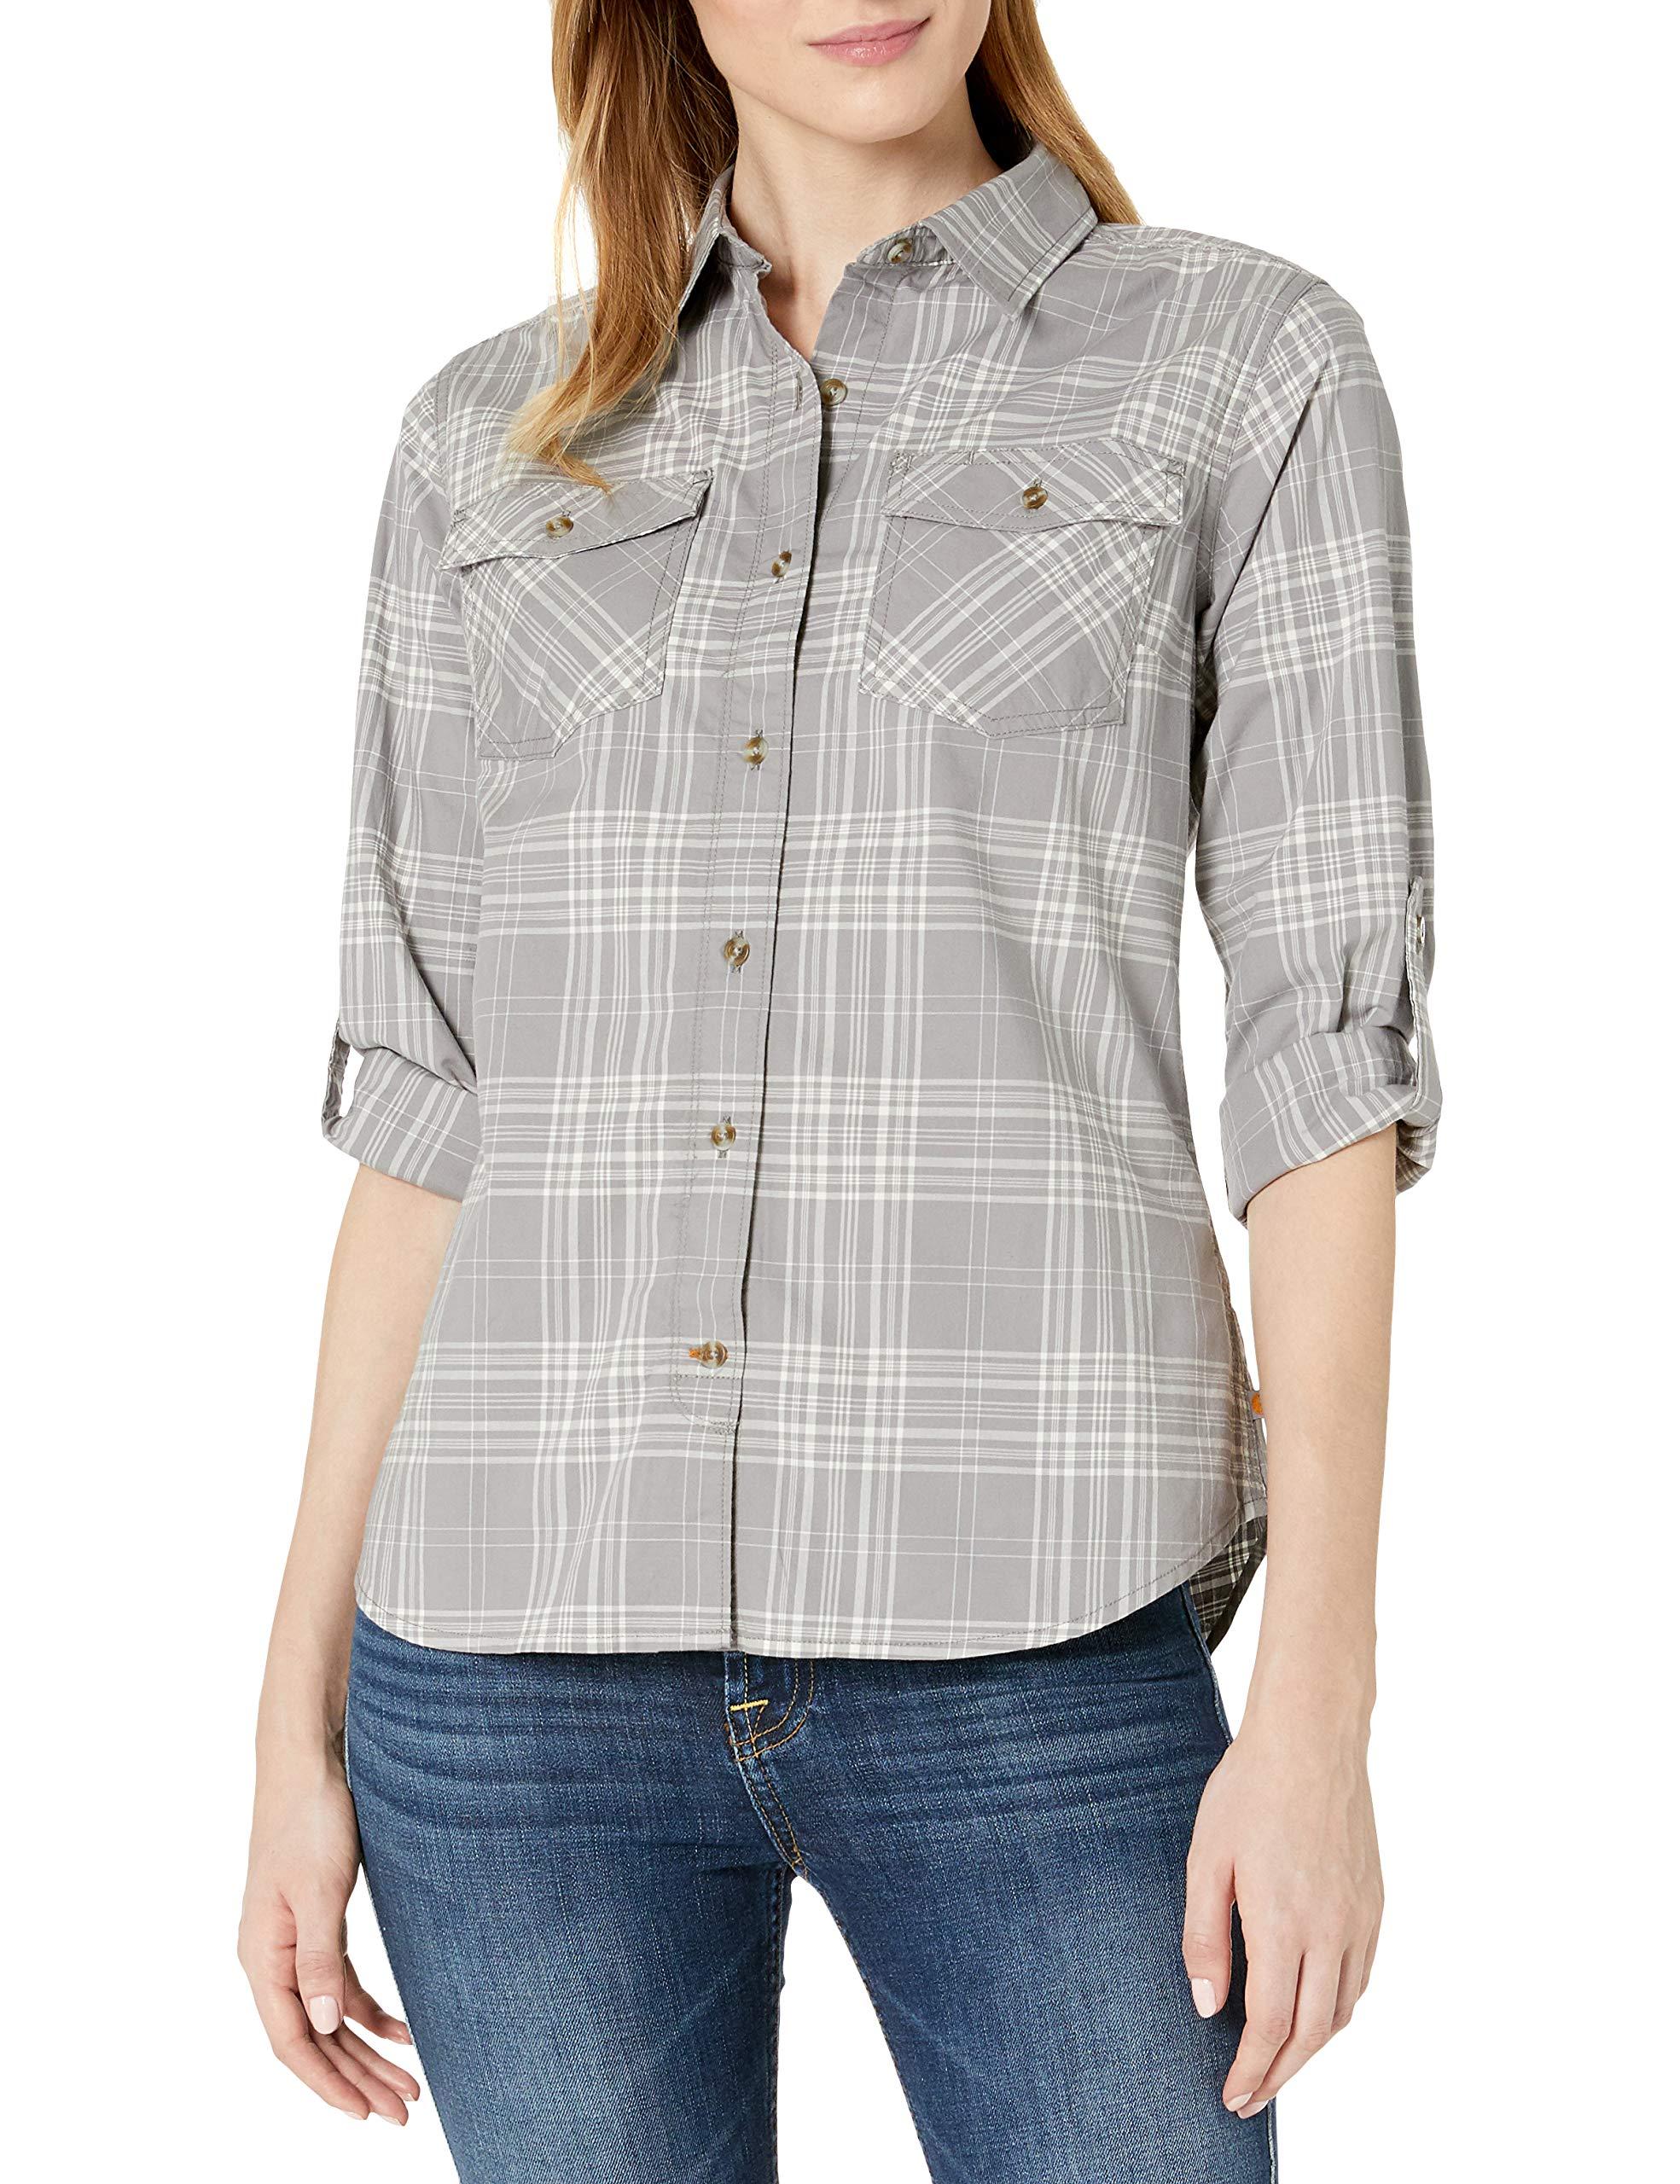 Carhartt Women's Regular Rugged Flex Slightly Fitted Long Sleeve Plaid Shirt